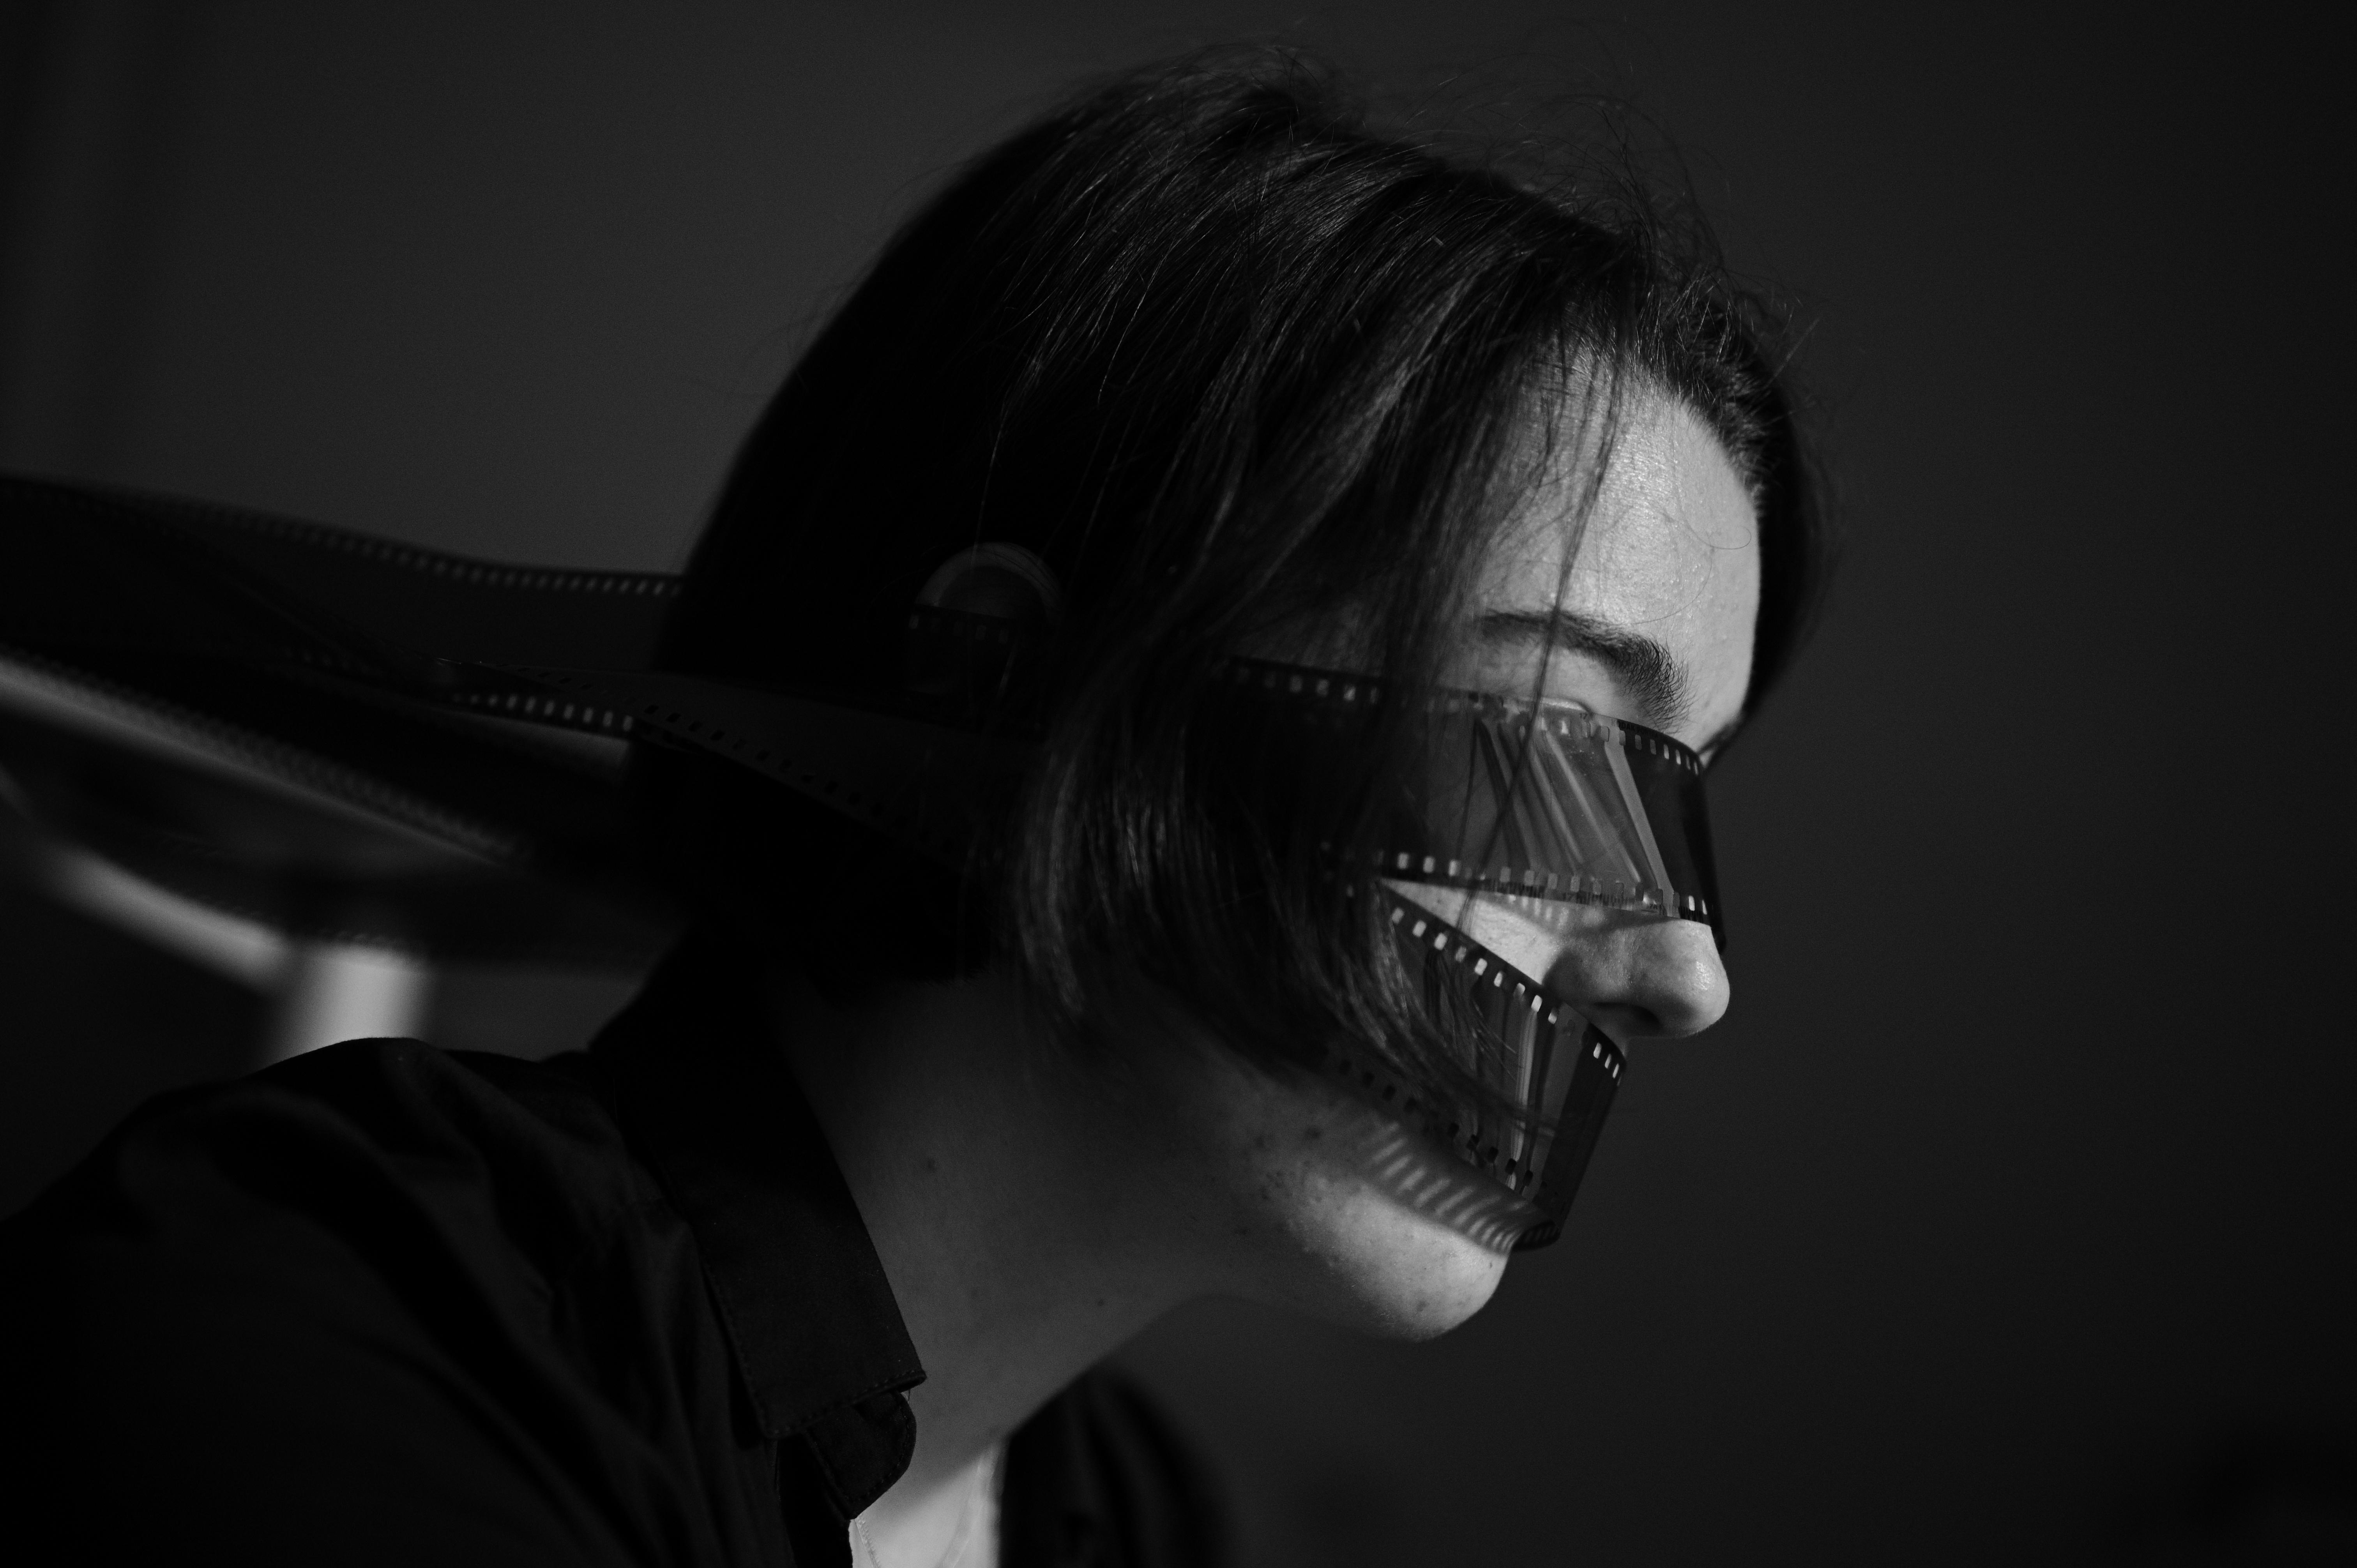 Gefesselt von der Vergangenheit, gestresst von der Gegenwart und kein Blick auf die Zukunft. Foto: Nicolaus Niebylski